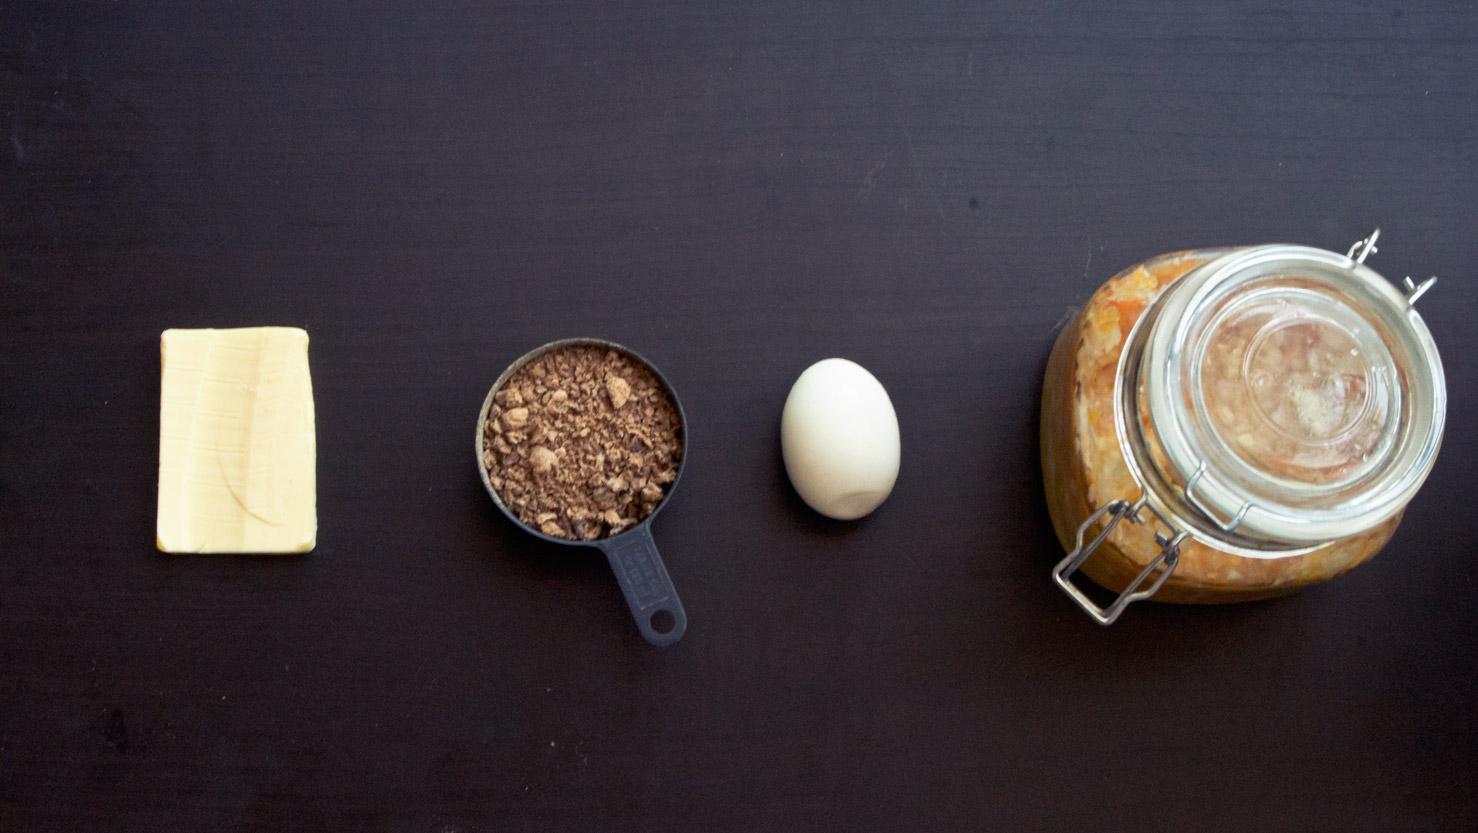 What I actually eat (Keto Lacto-Ovo Vegan) $20-$25 per week